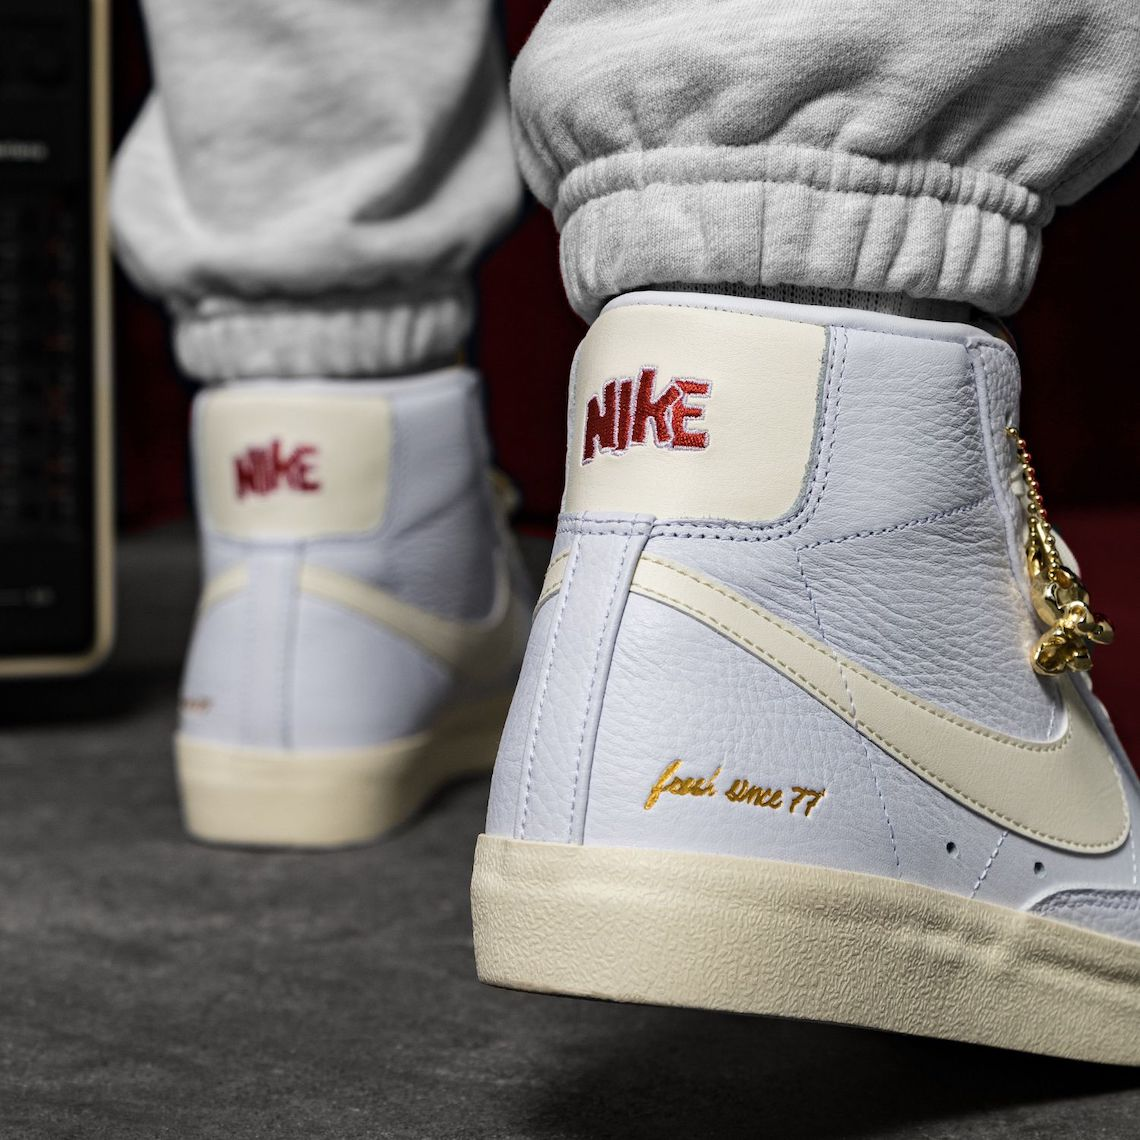 Nike-Blazer-Popcorn-CW6421-100-3.jpg?w=1140